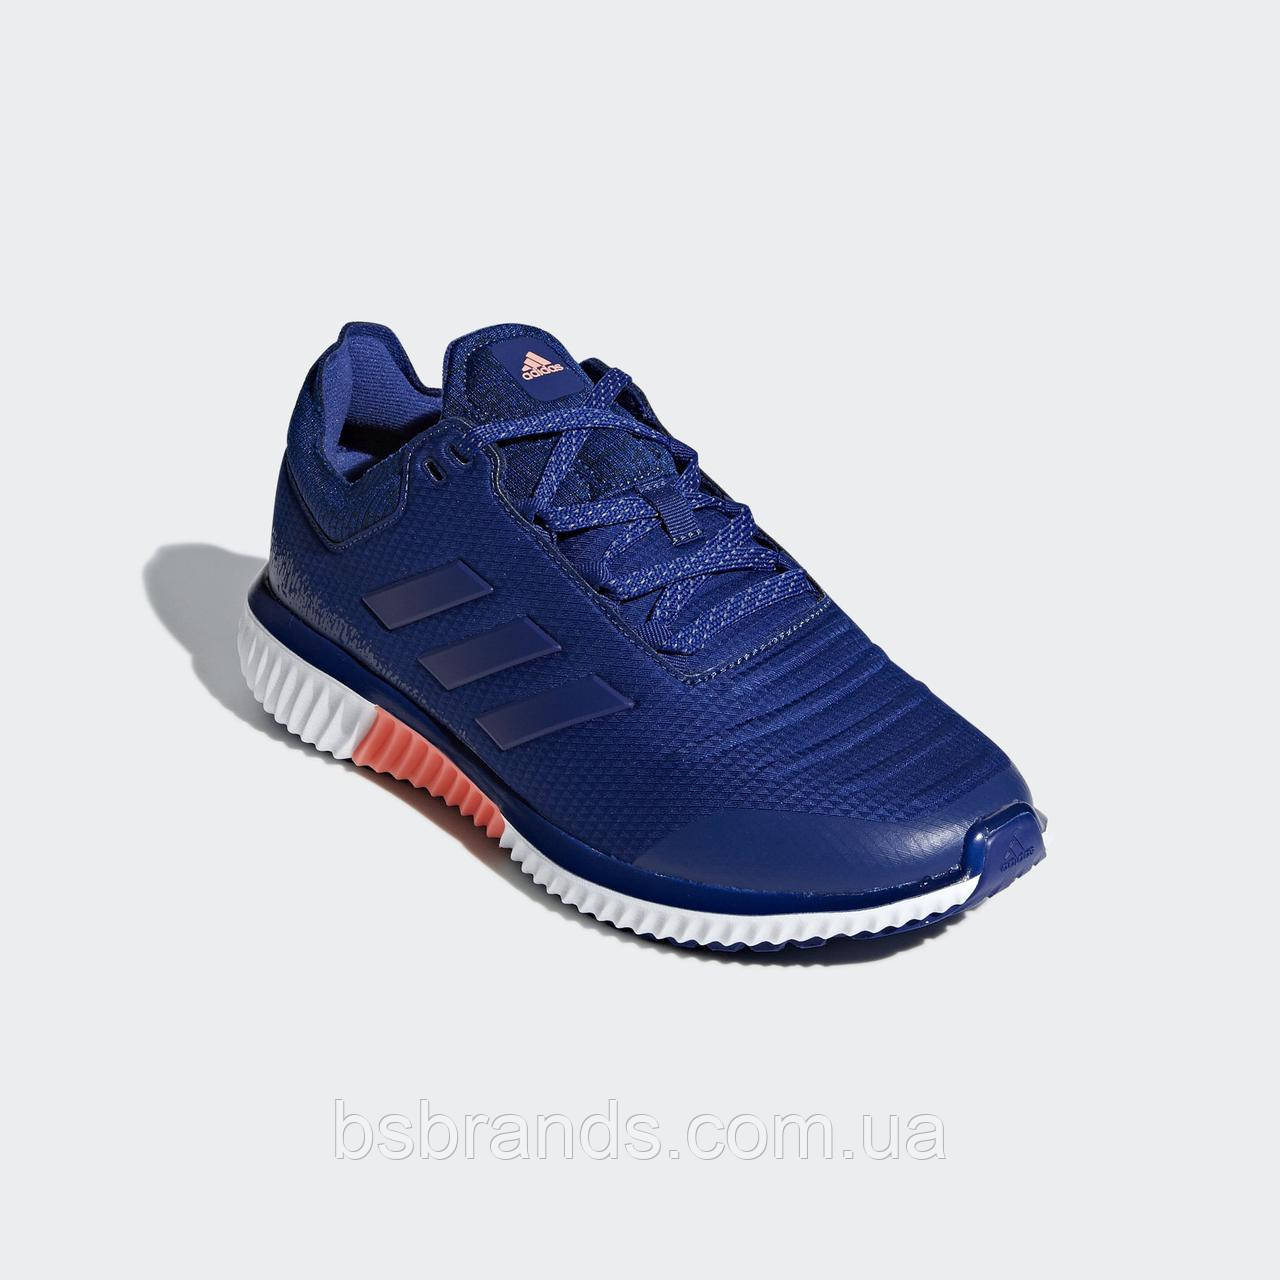 Женские кроссовки adidas для бега Climaheat All-Terrain BB7695